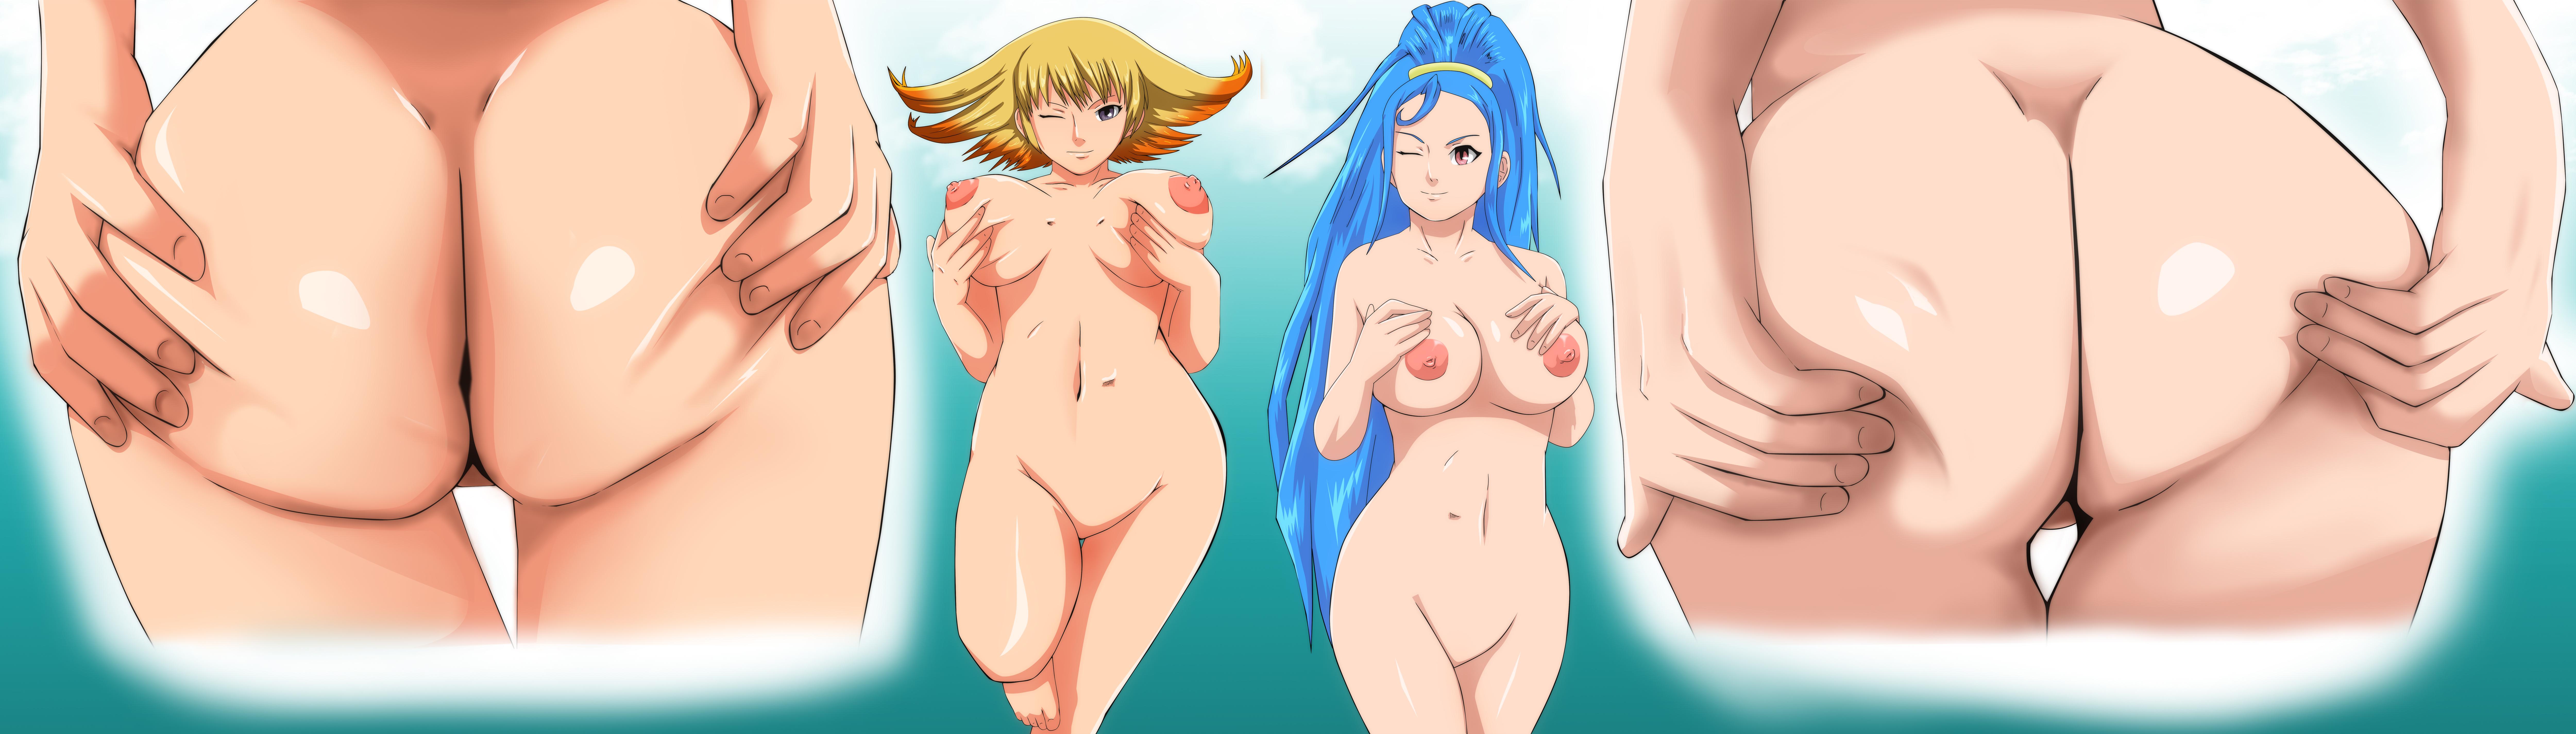 Amazon pandora nude naked tube